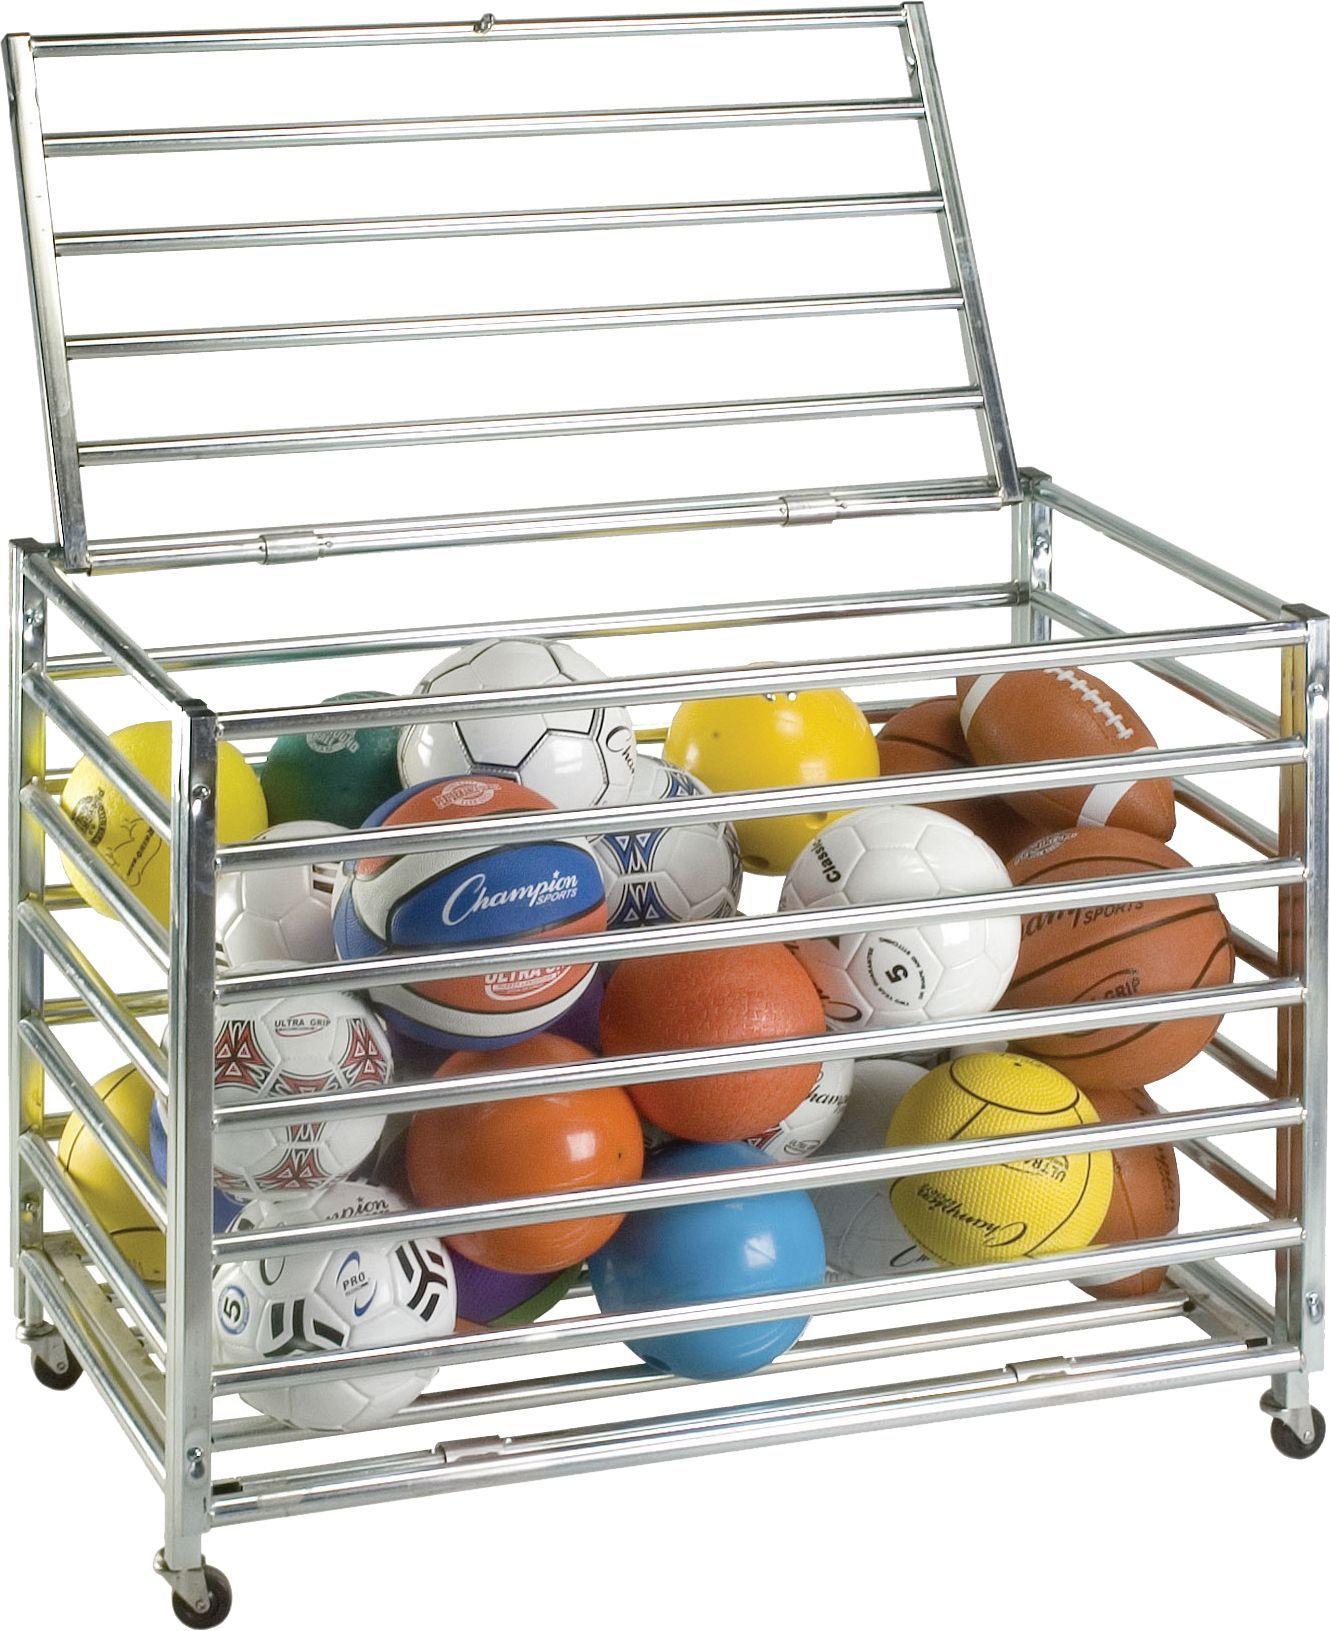 Ball Organizer Garage: Champion Lockable Ball Storage Locker